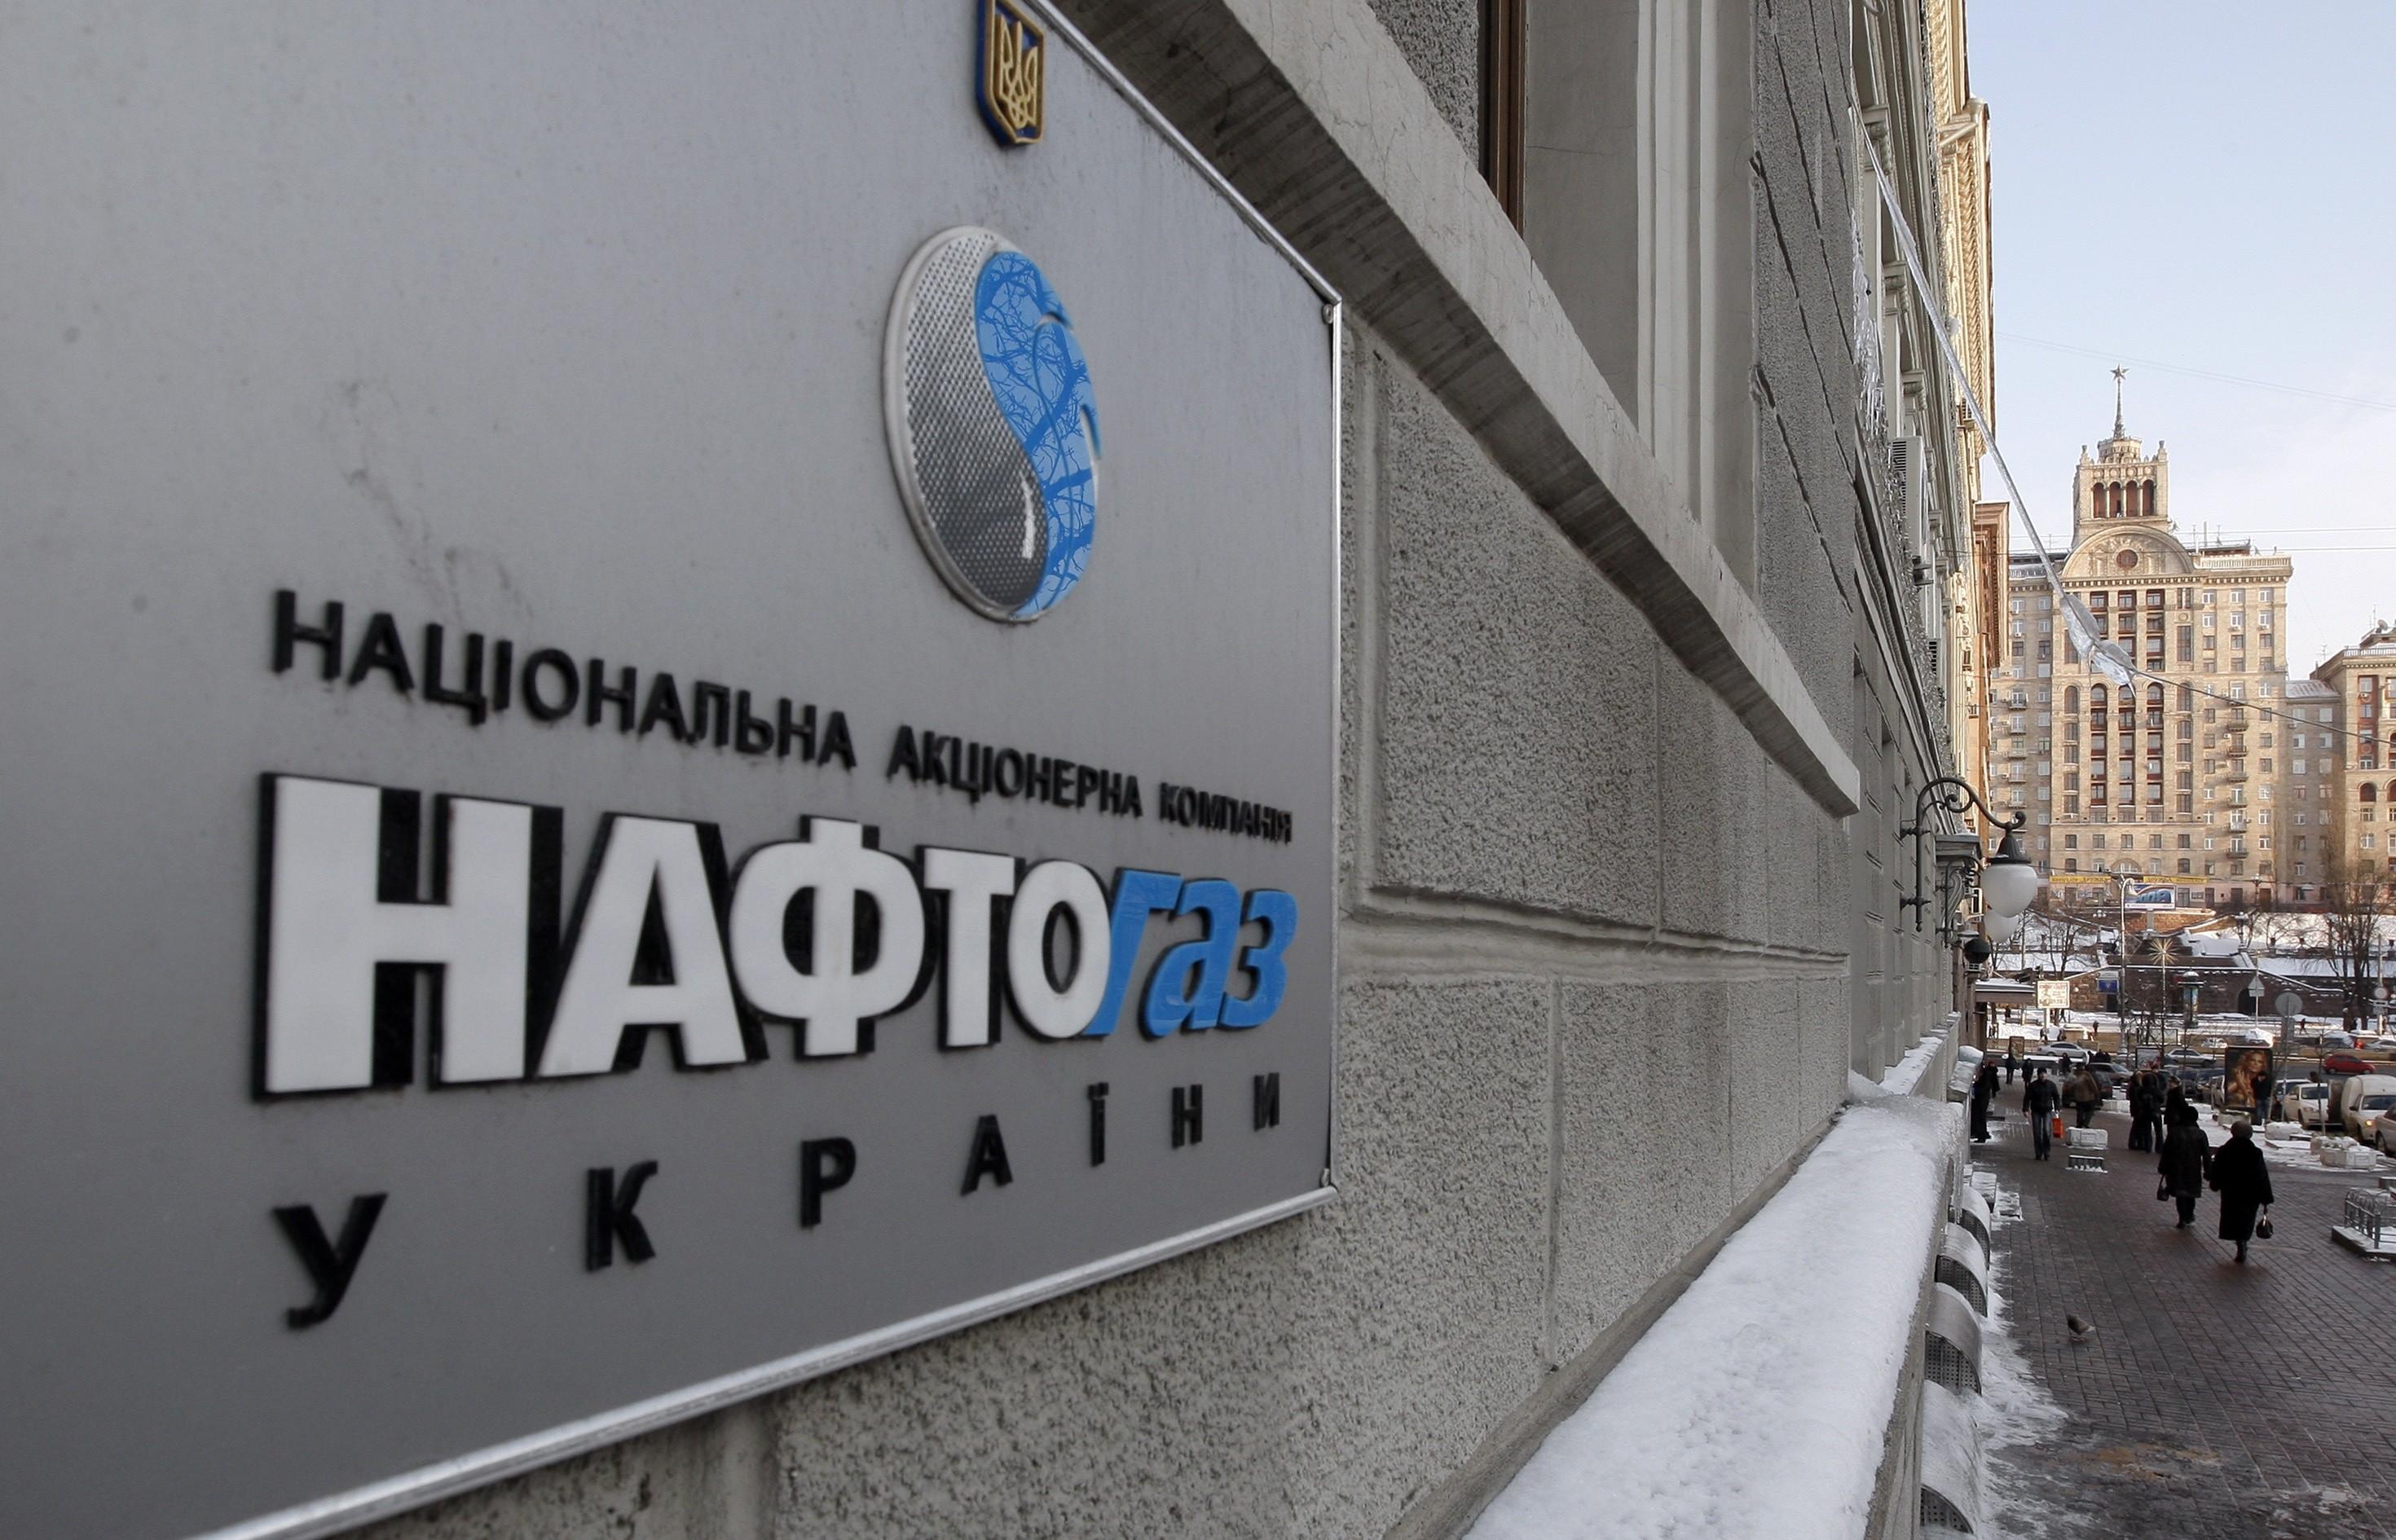 Украина будет закупать газ вевропейских странах - Коболев...